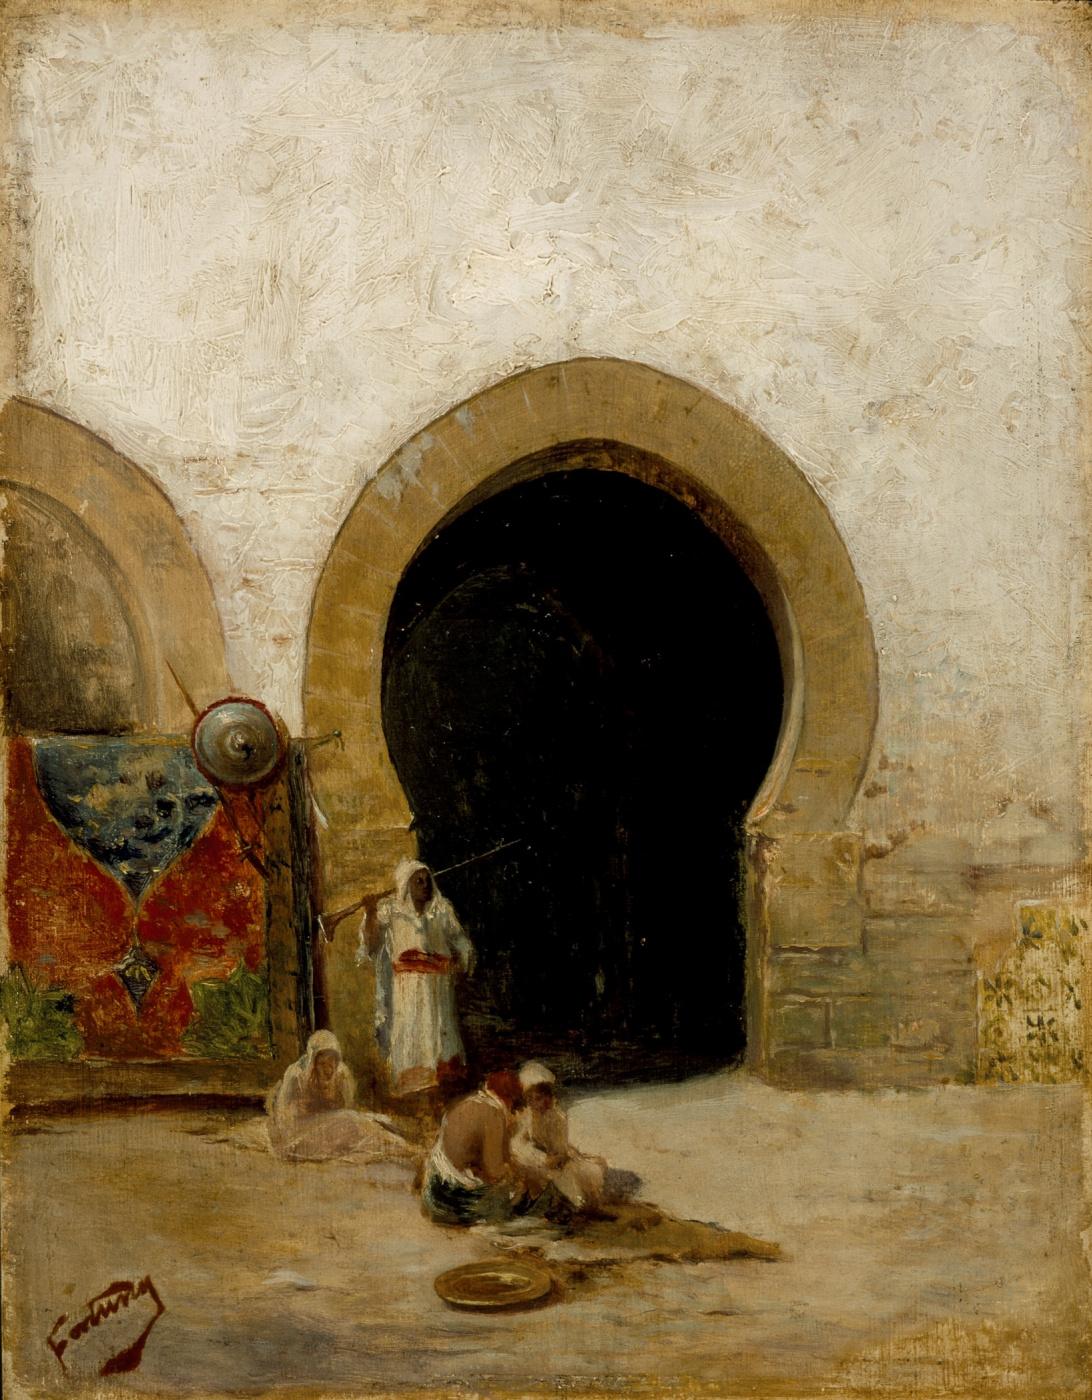 Mariano Fortuny y Marsal. Gate